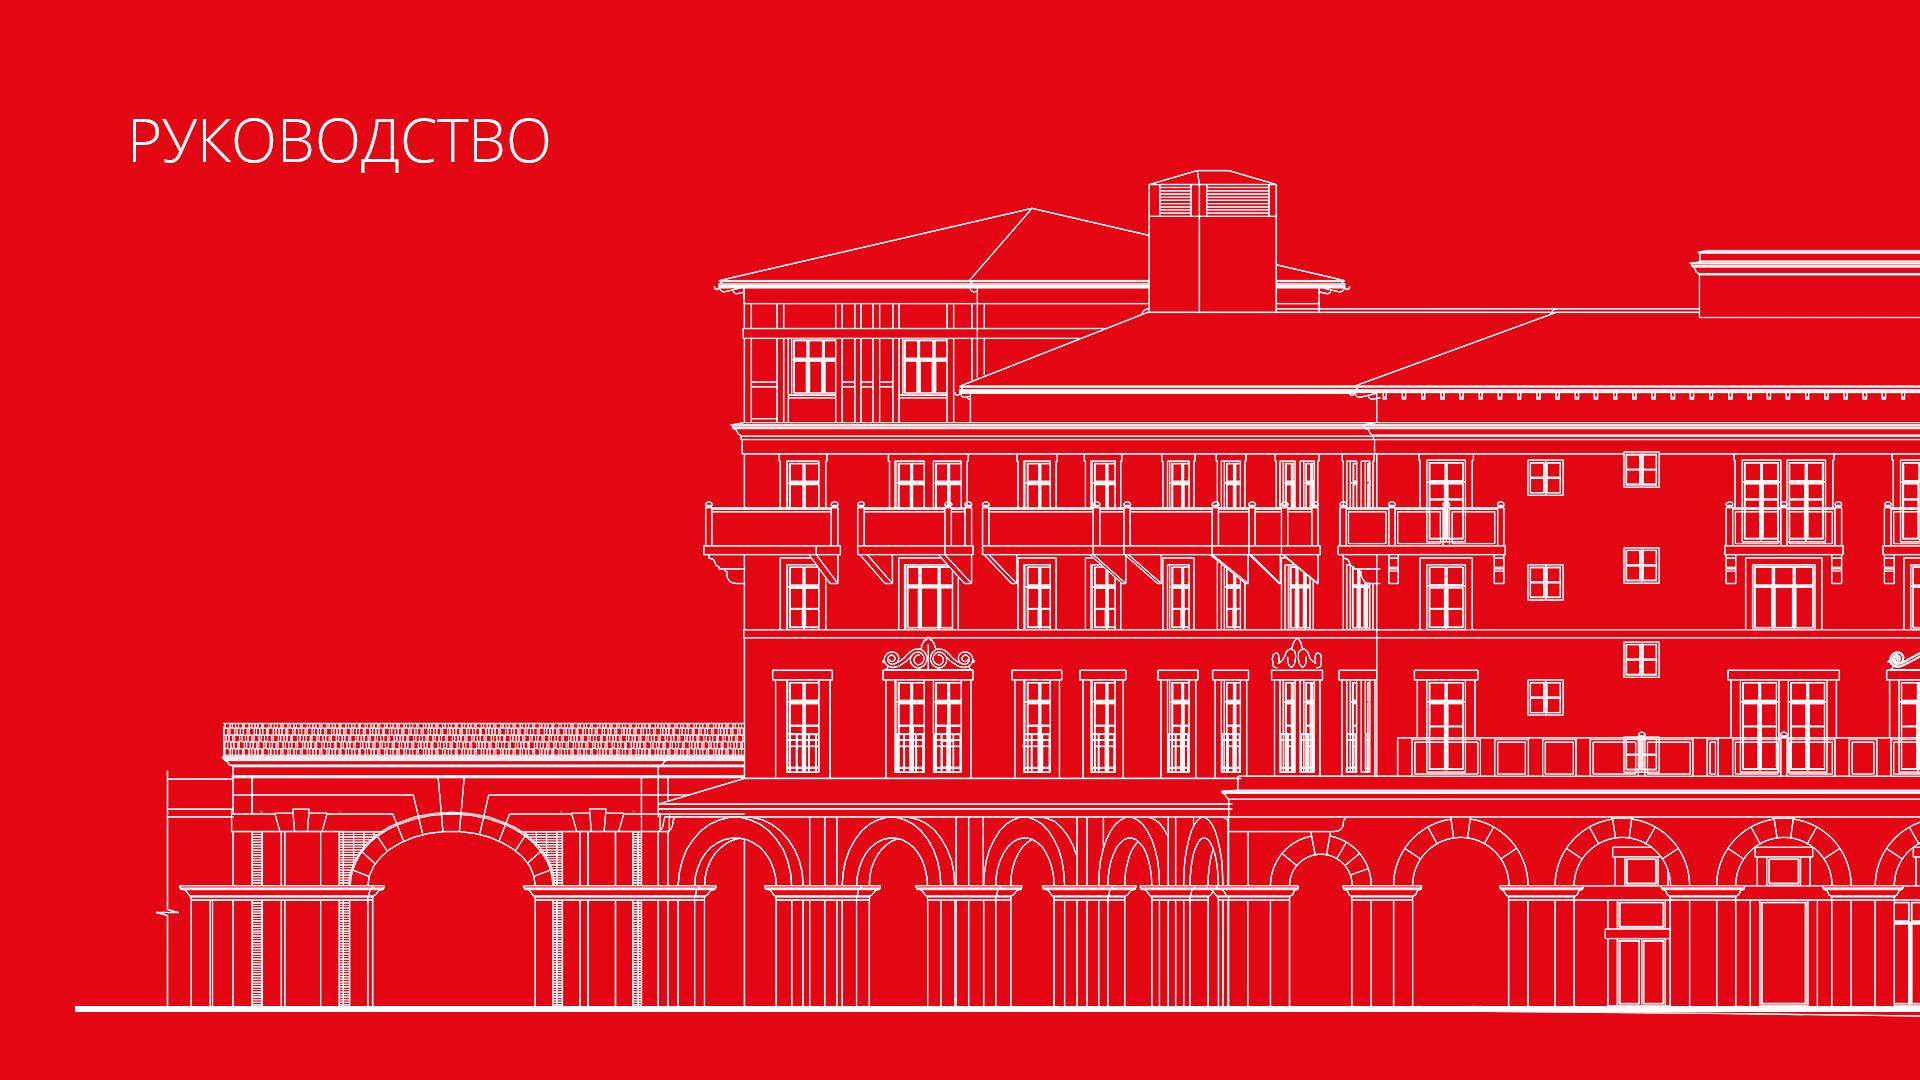 Асгард Брендинг, Красная Поляна, Курорт Красная Поляна, дизайн-код, руководство по применению дизайн-кода